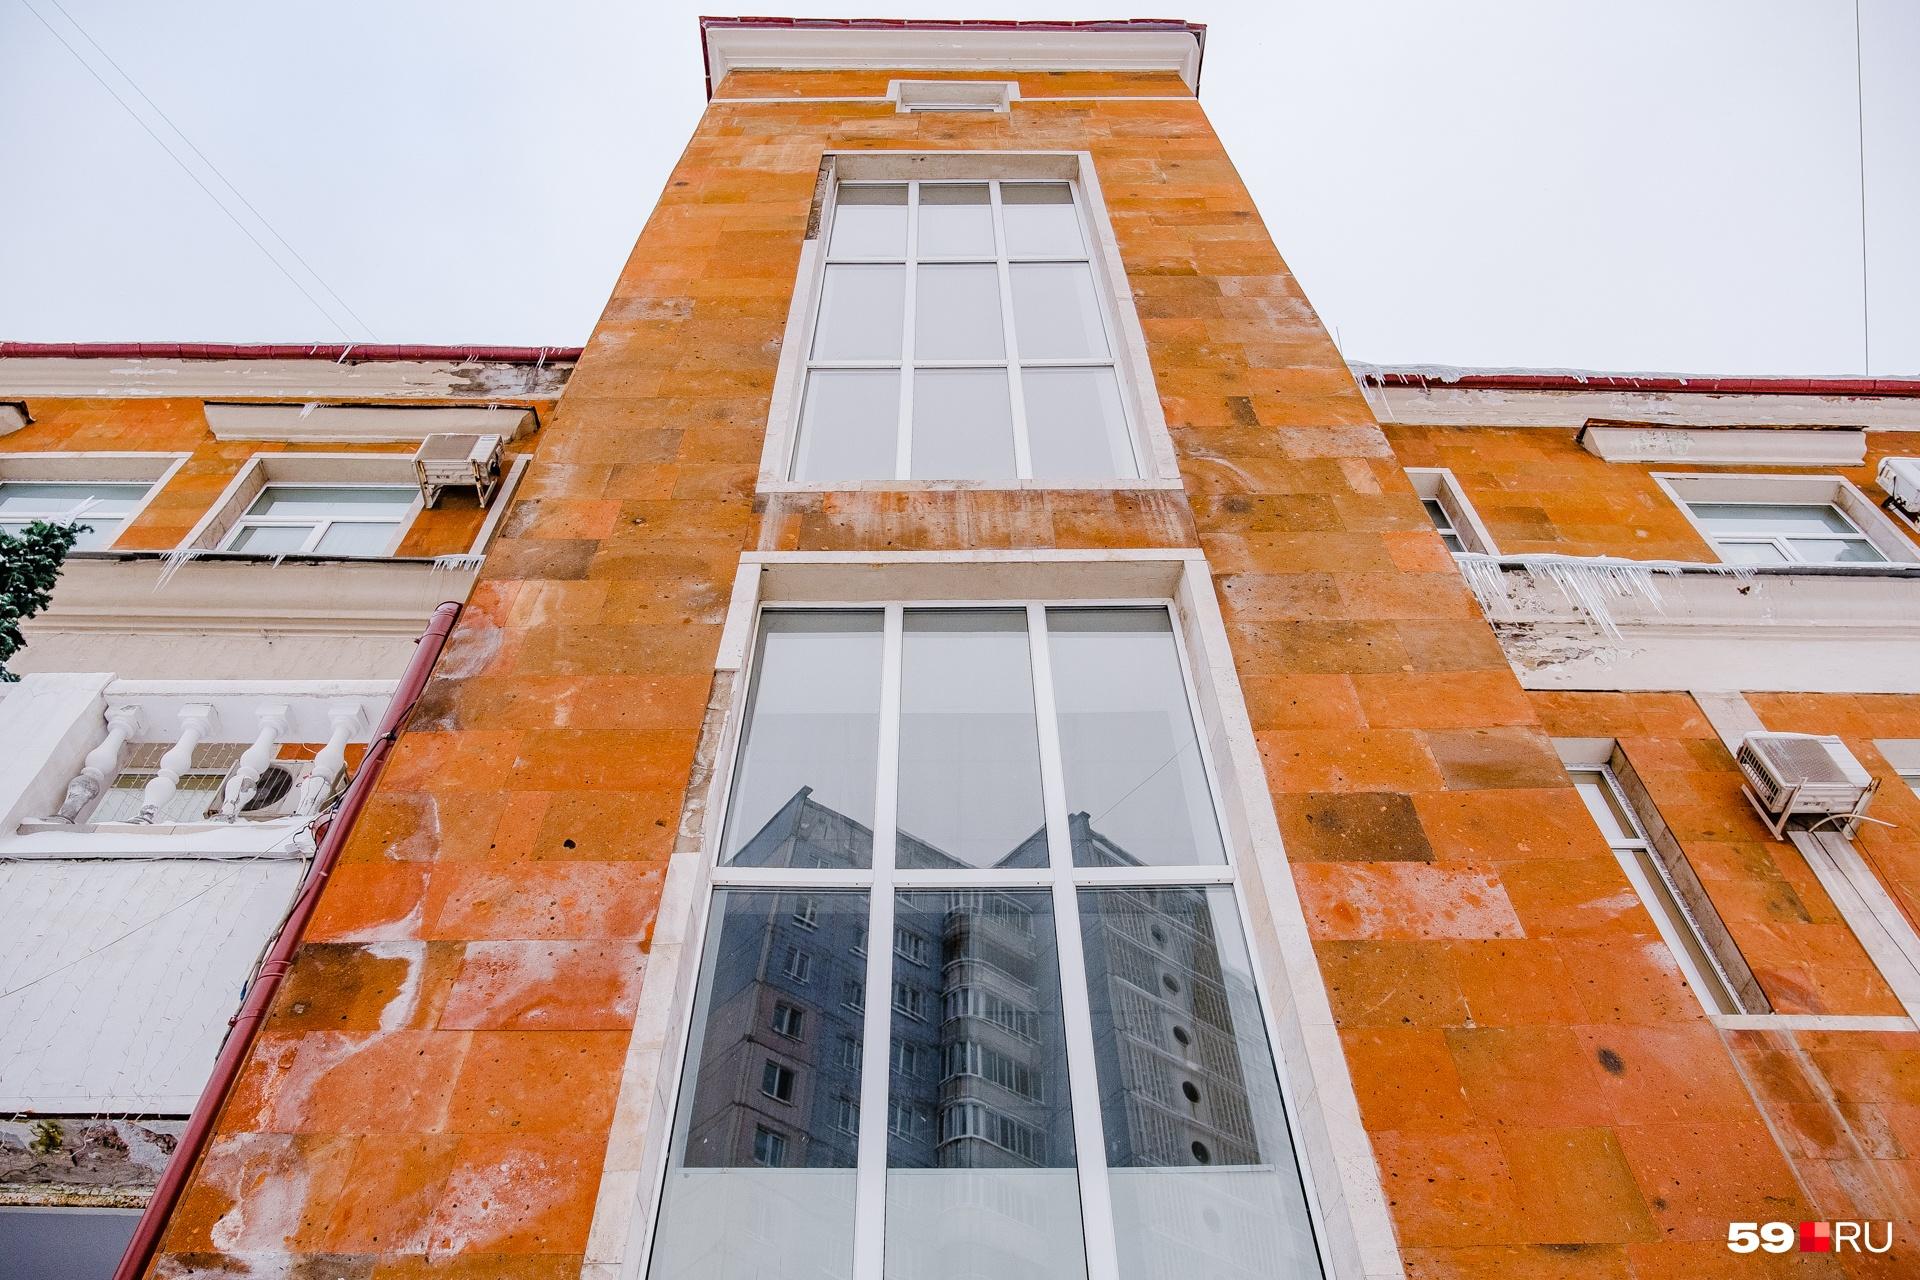 Центральная башня-вертикаль